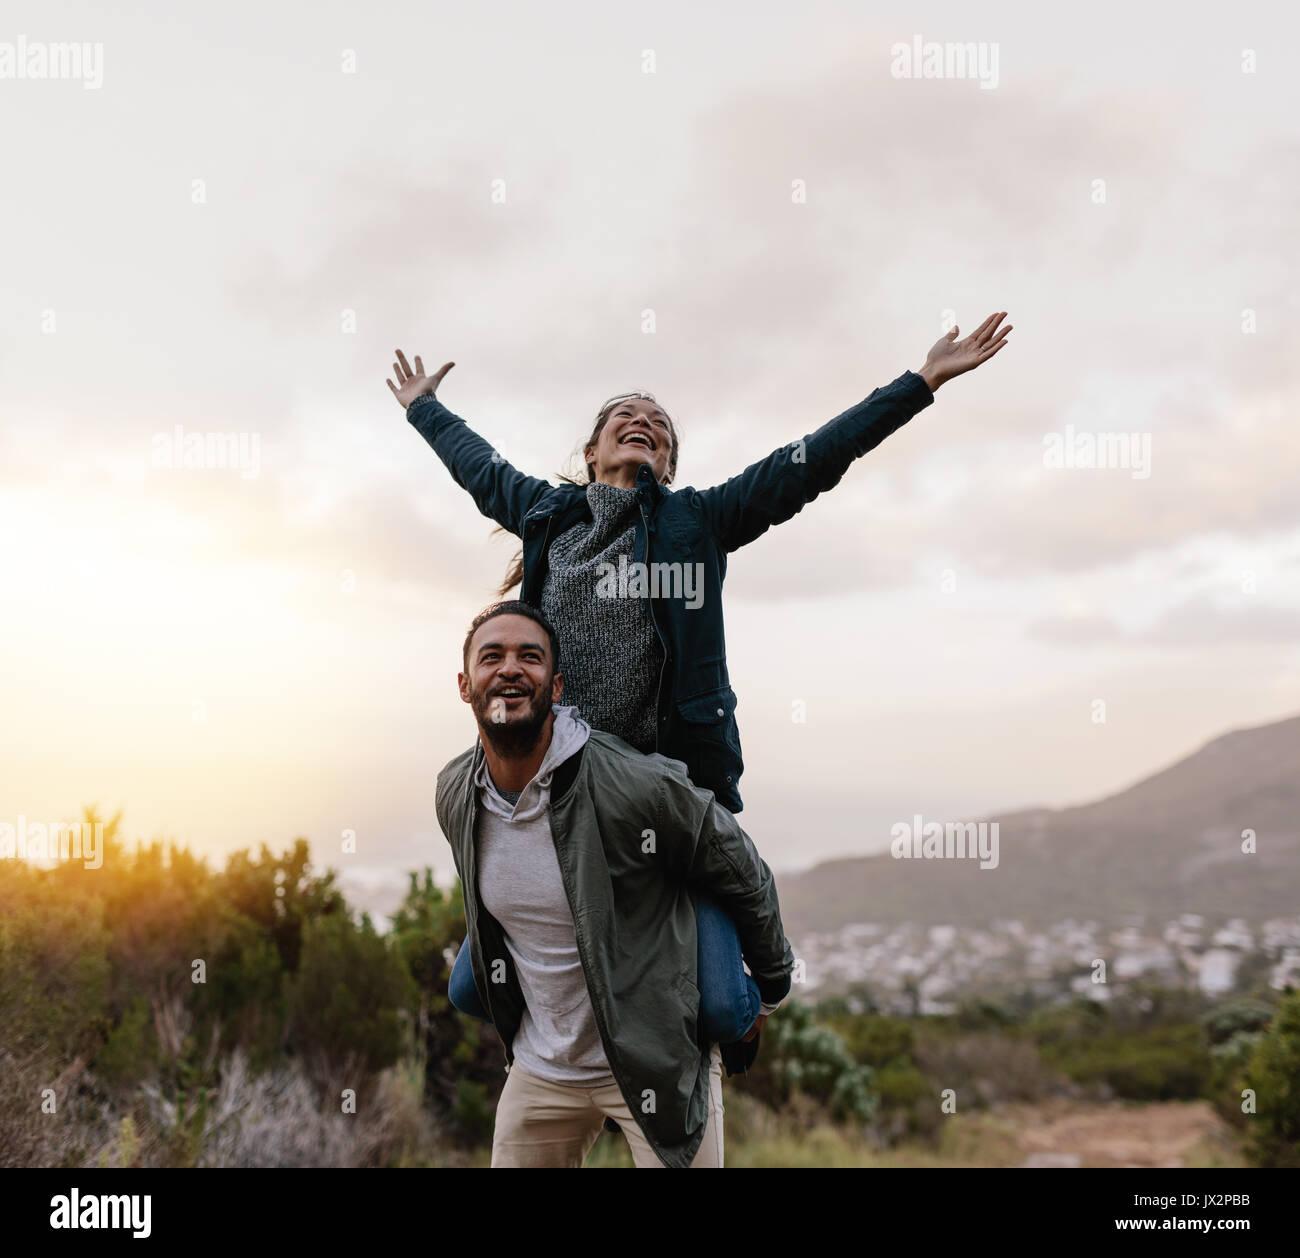 Retrato de joven sumarse a su novia. El hombre lleva la mujer con sus brazos levantados. Pareja disfrutando del paisaje. Imagen De Stock